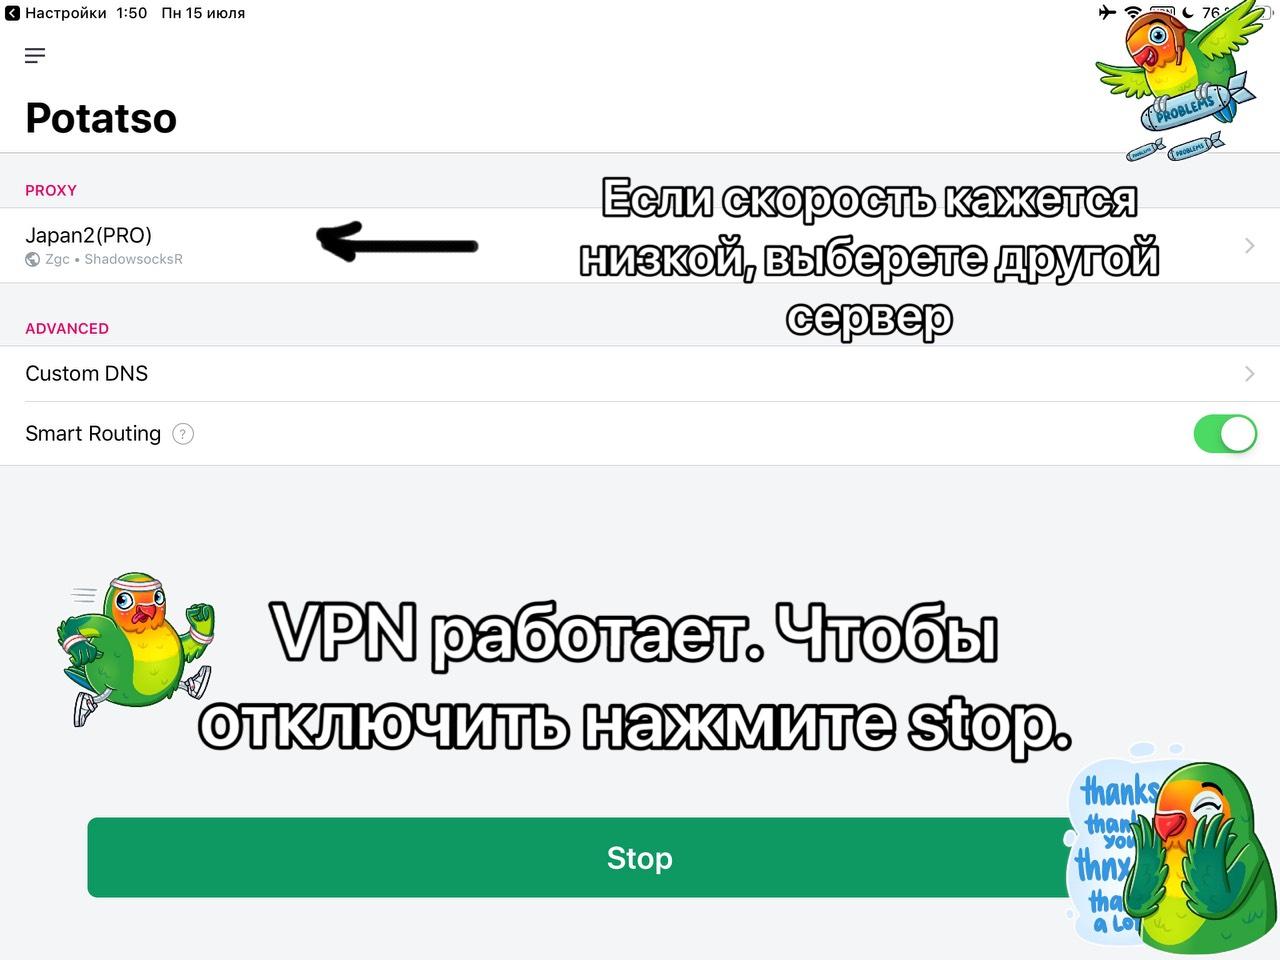 8. Готово. VPN работает. Чтобы отключить - нажмите Stop. Приятного использования :)